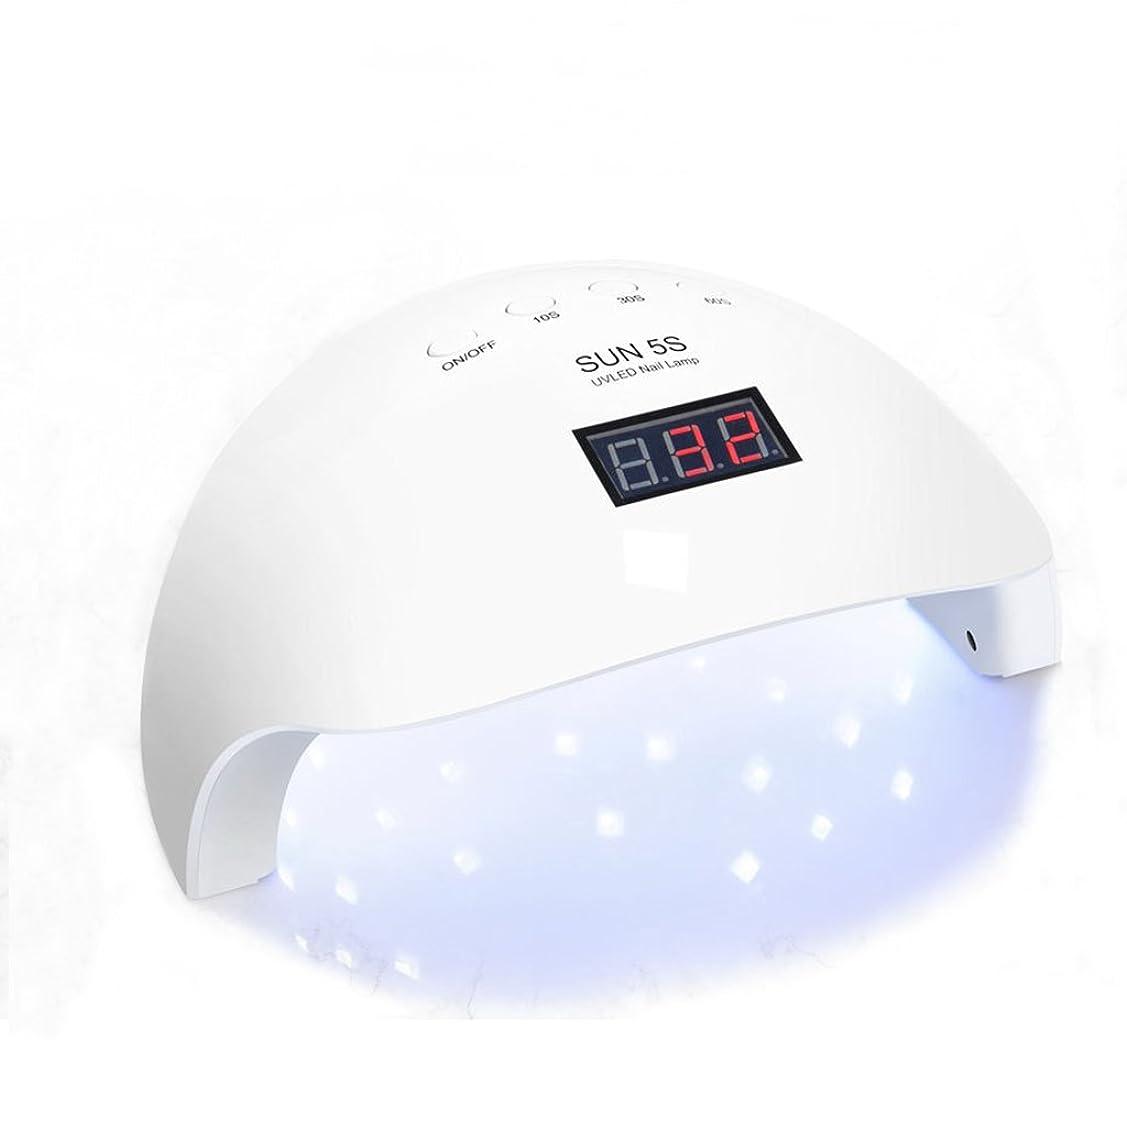 コードレス経済的季節48WネイルランプLED爪と乾燥用の3つのタイマー設定(10秒/ 30秒/ 60秒)のゲルポリッシュ用UVプロフェッショナルネイルドライヤー